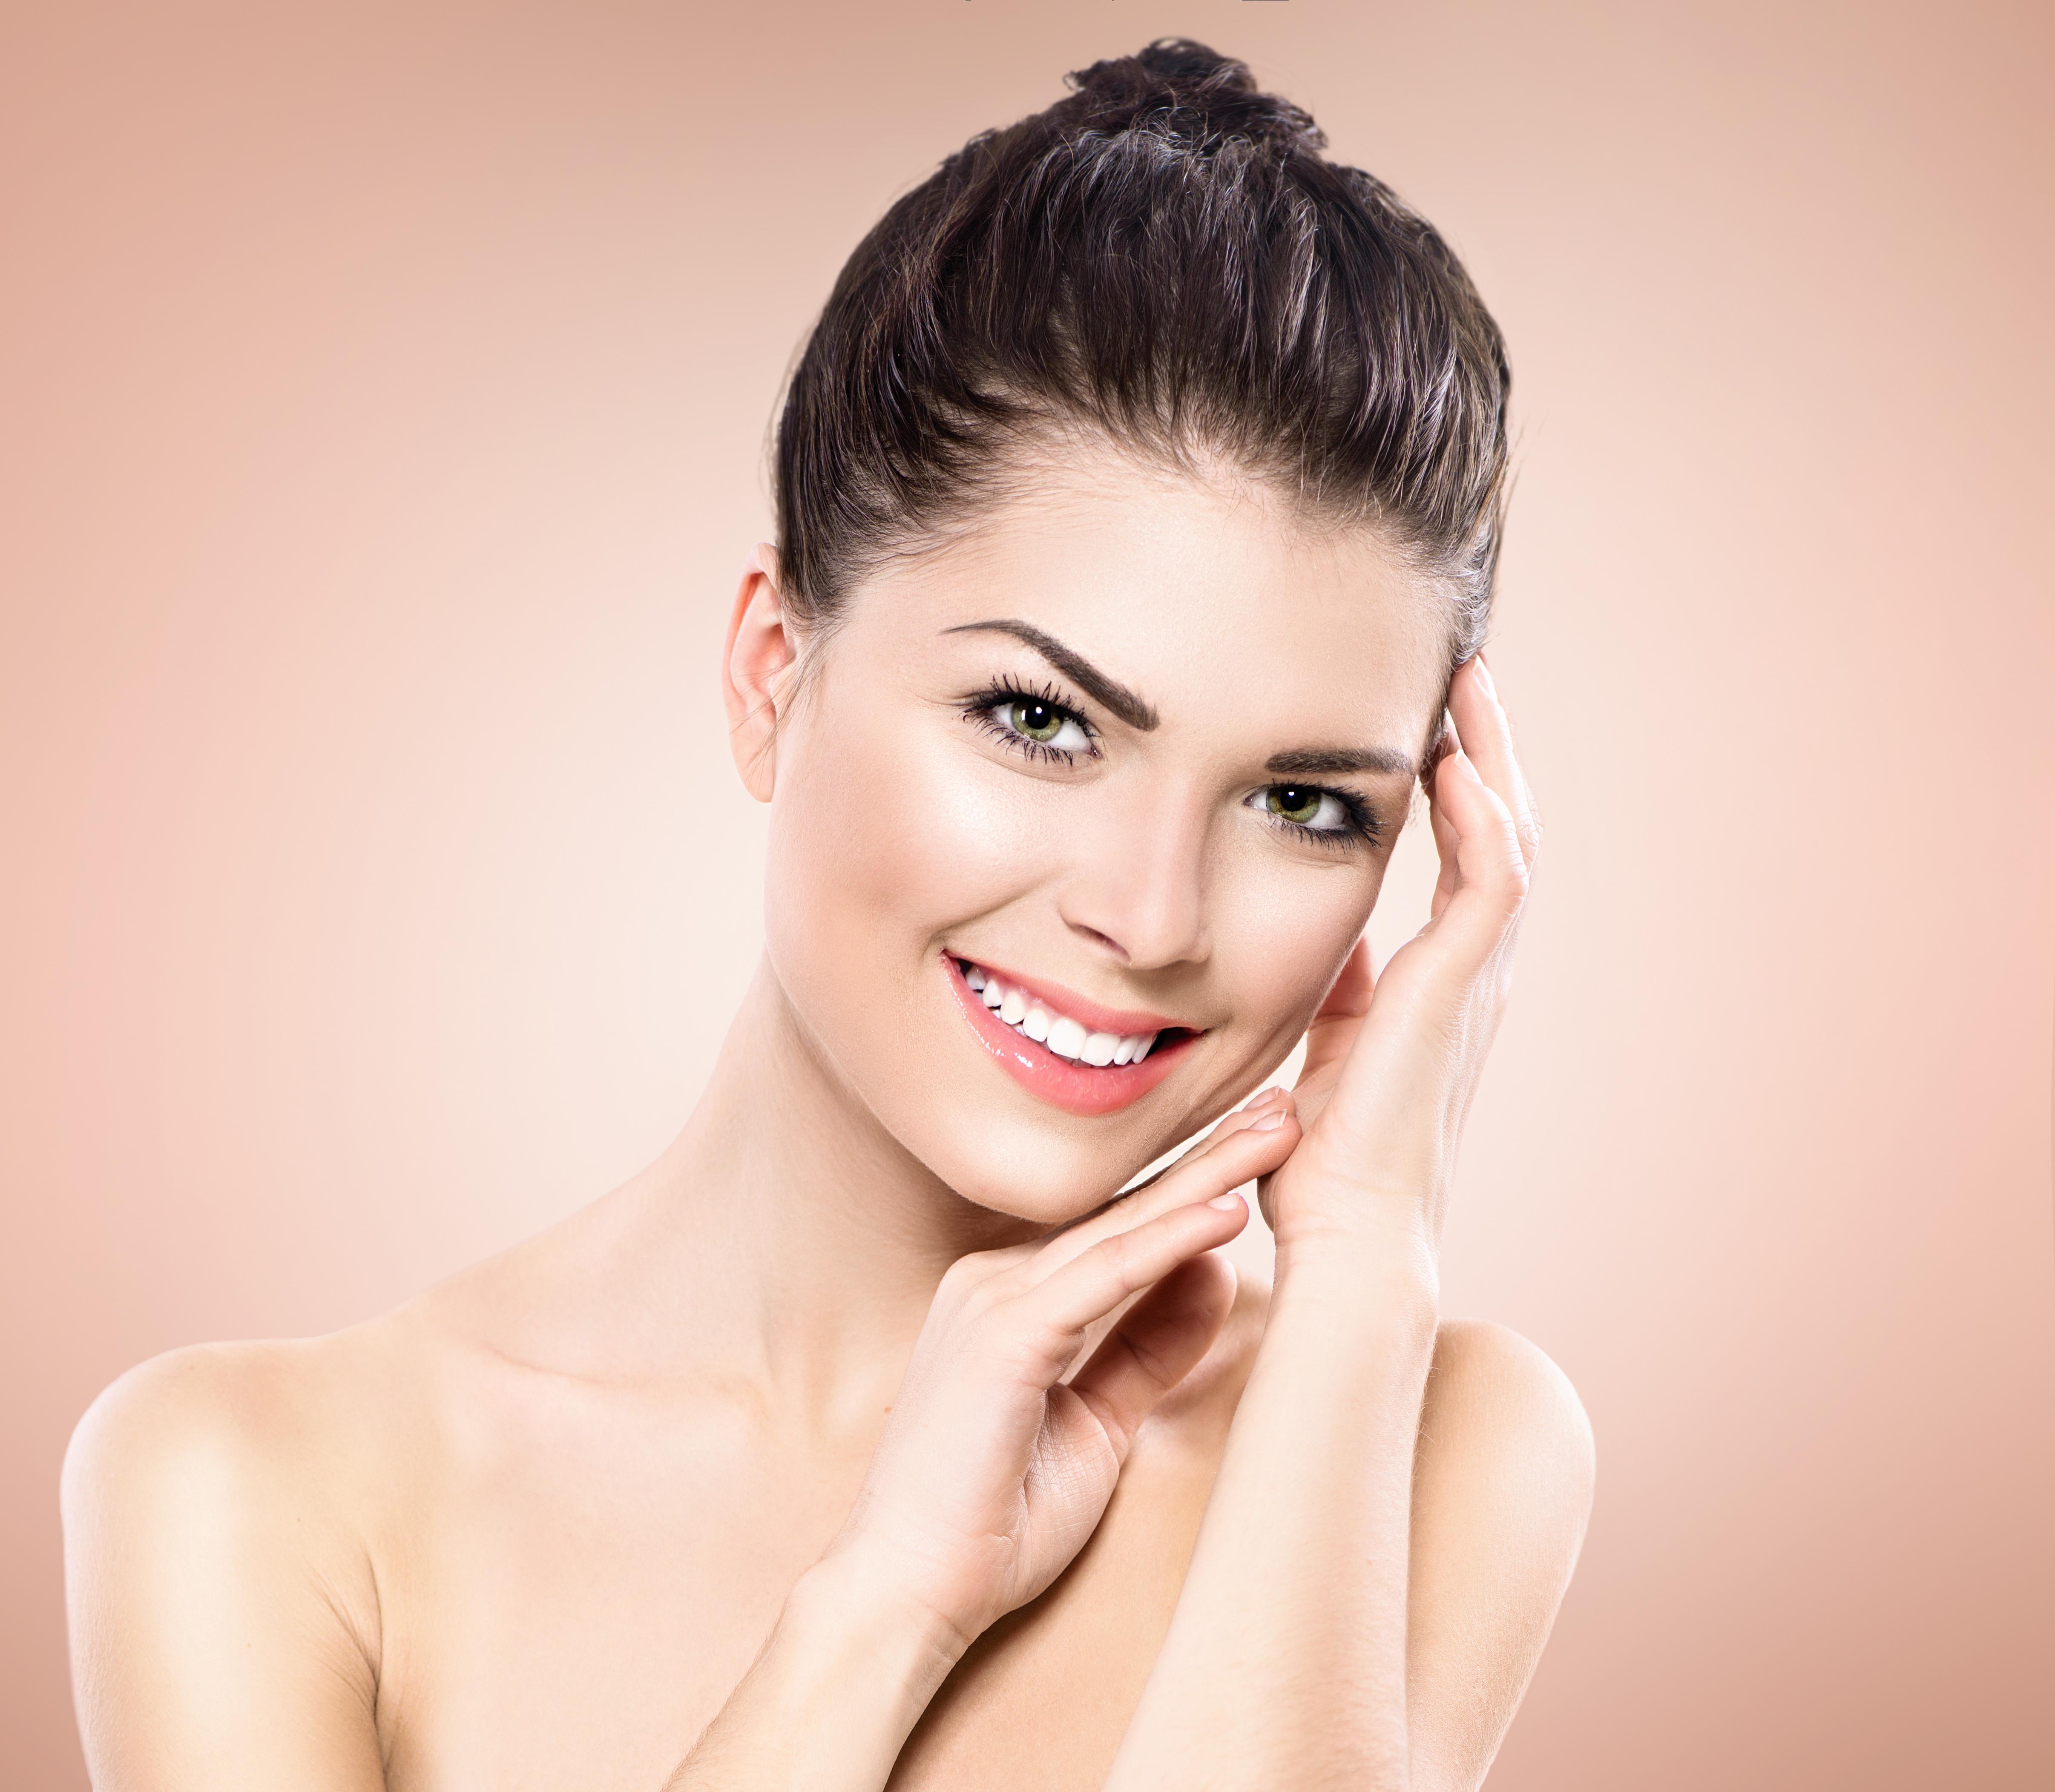 Μεσοθεραπεία – αναδείξτε το δέρμα σας μετά τον καλοκαιρινό ήλιο